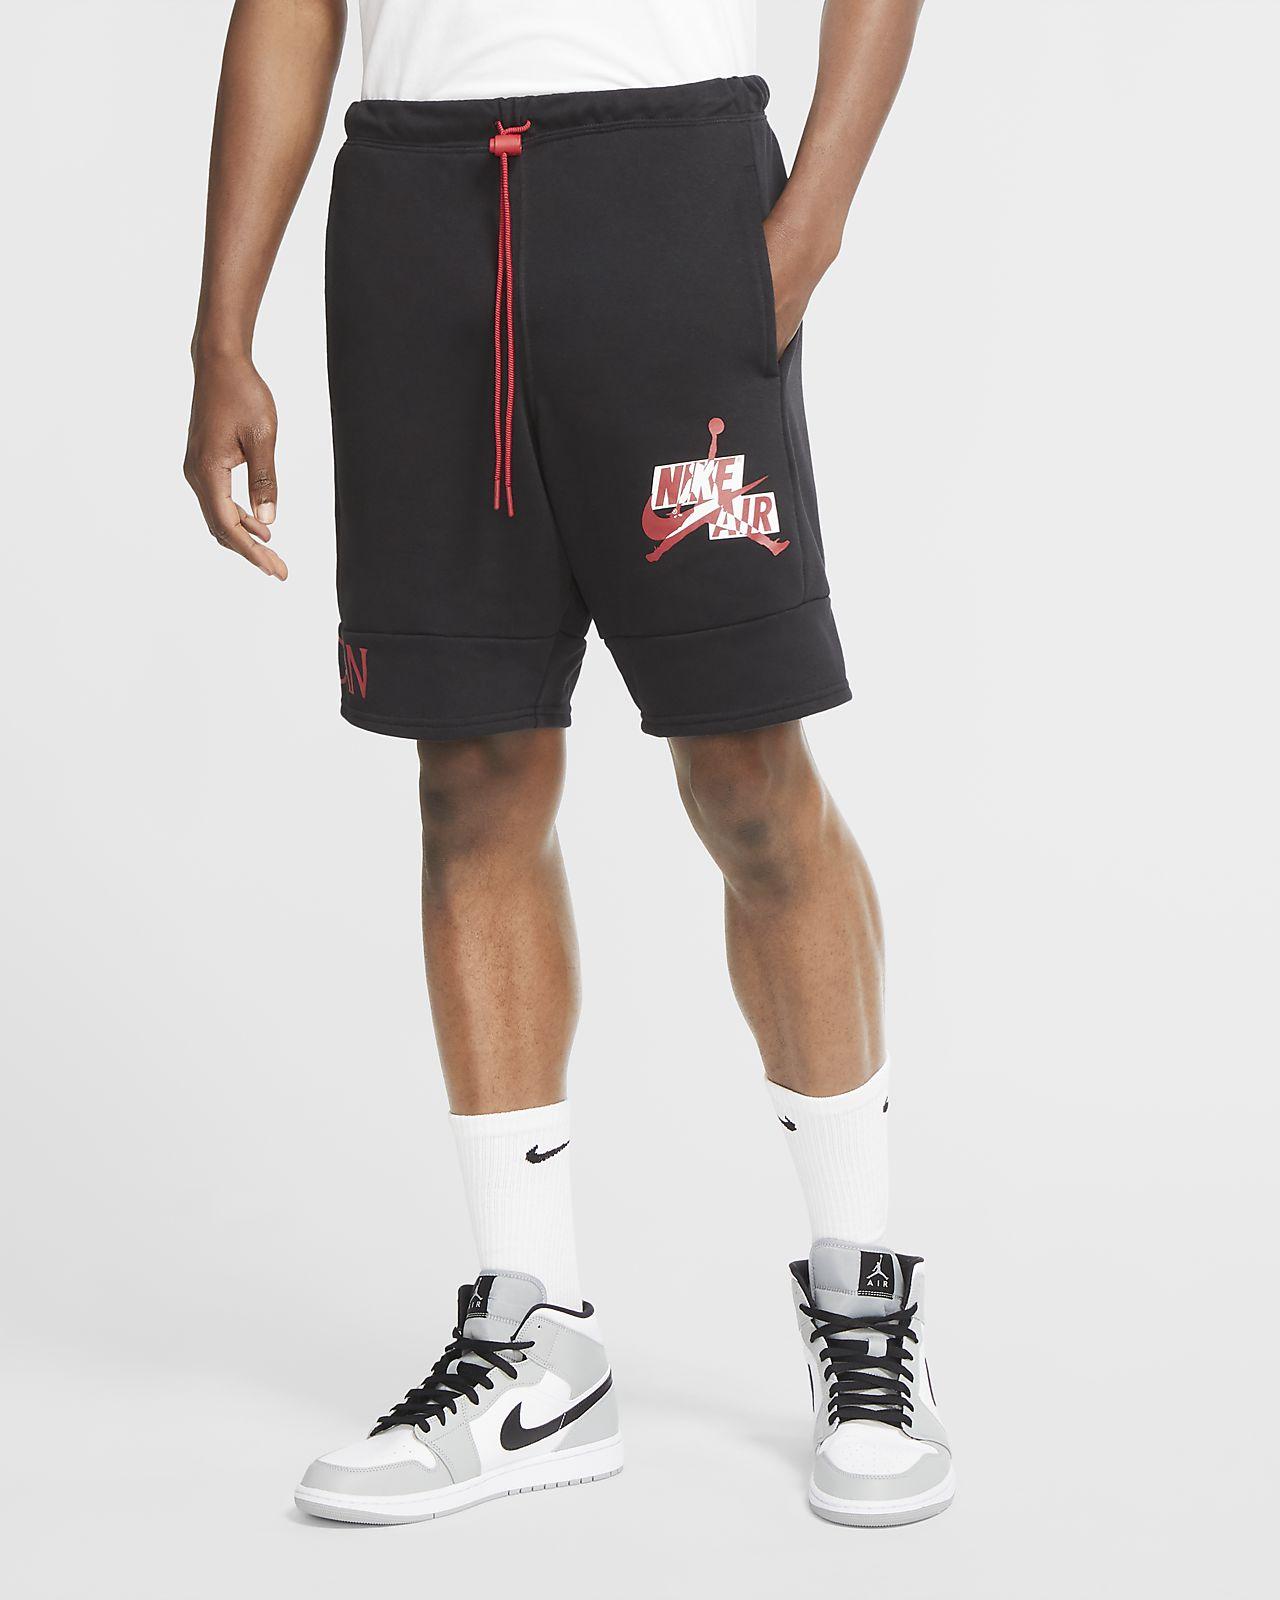 Jordan Jumpman Classics 男子针织短裤